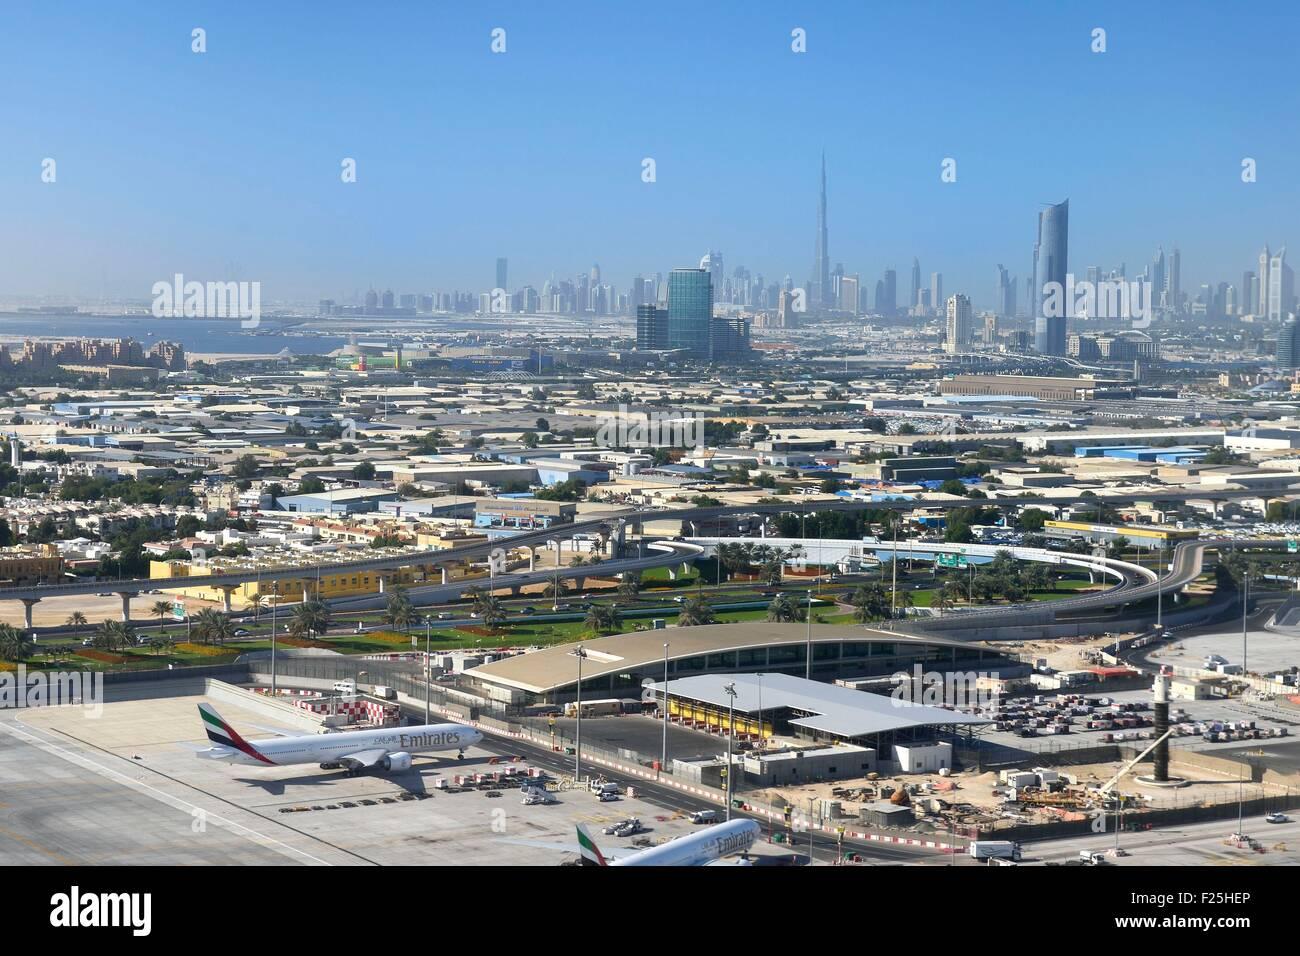 Vereinigte Arabische Emirate, Dubai, Dubai International Airport und Zentrum der Stadt im Hintergrund (Luftbild) Stockfoto